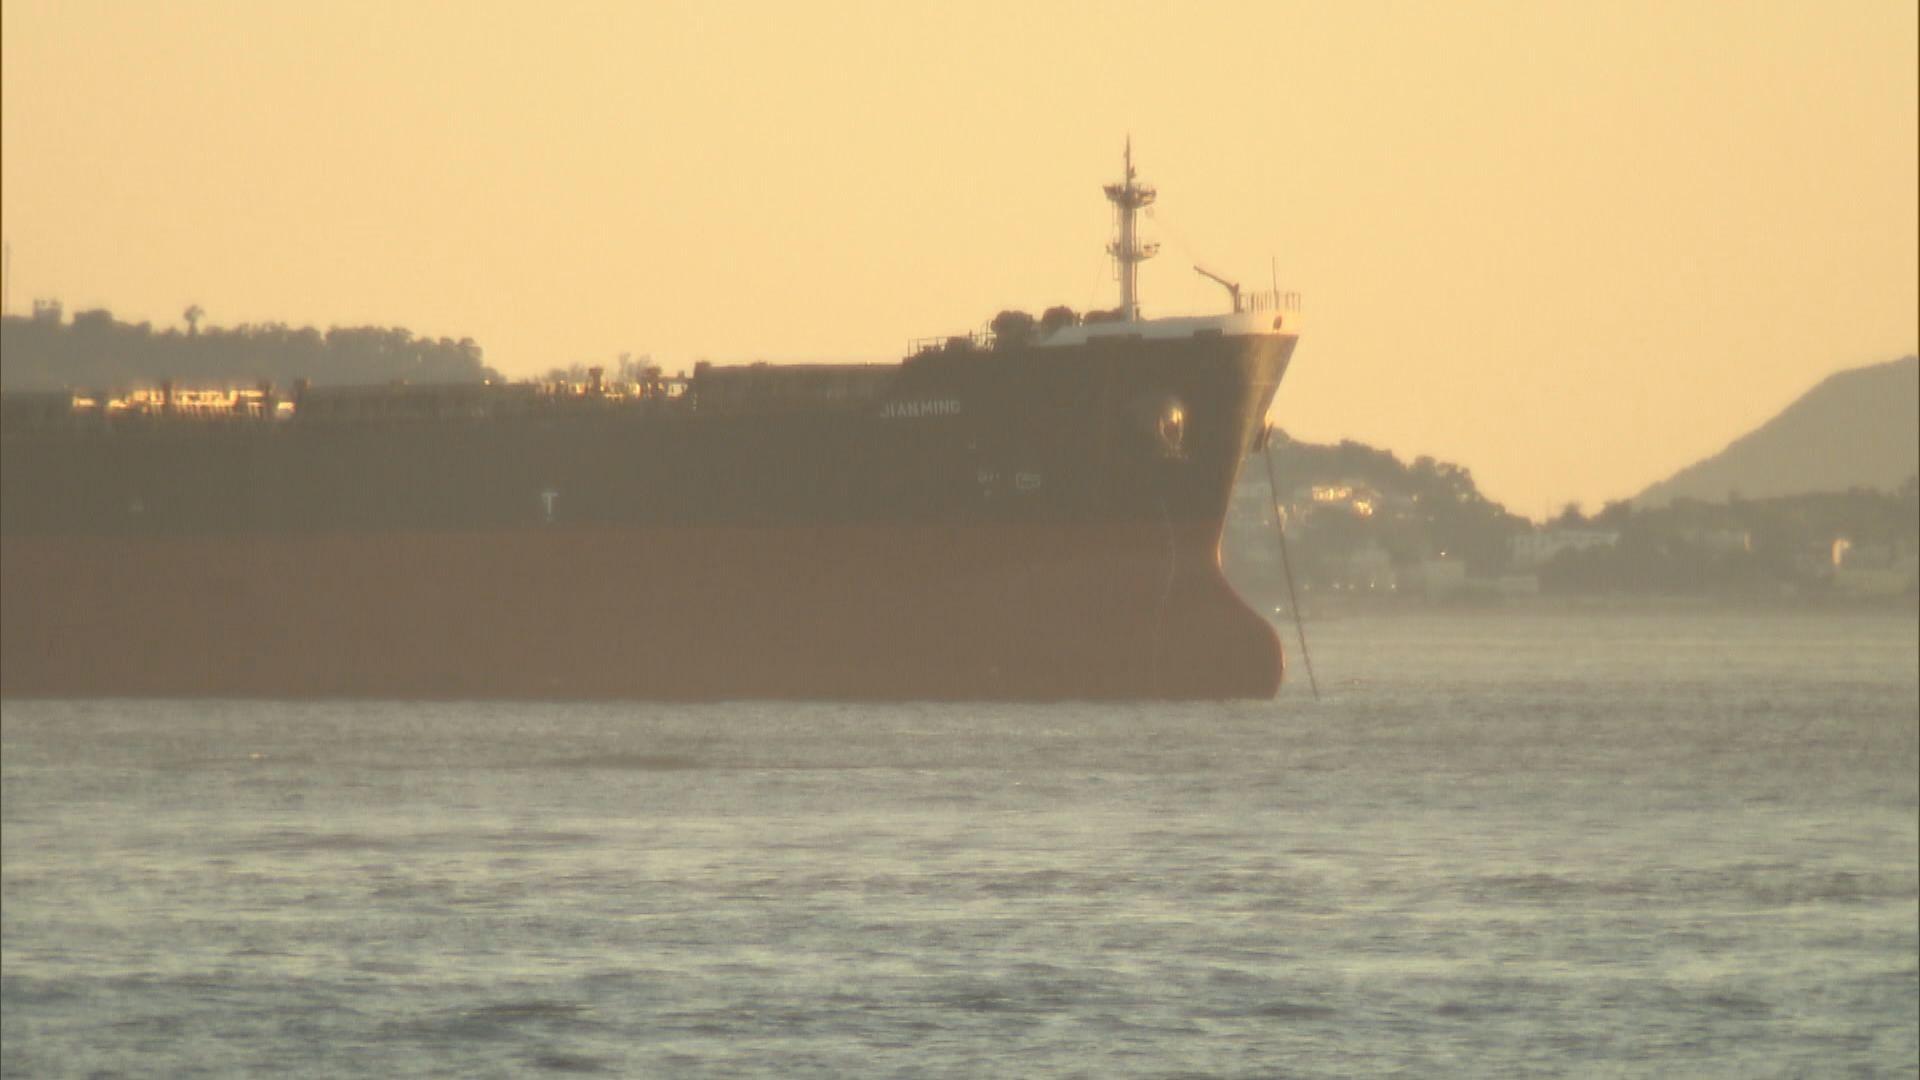 許樹昌:船員和機組人員屬高風險 應減少進入社區